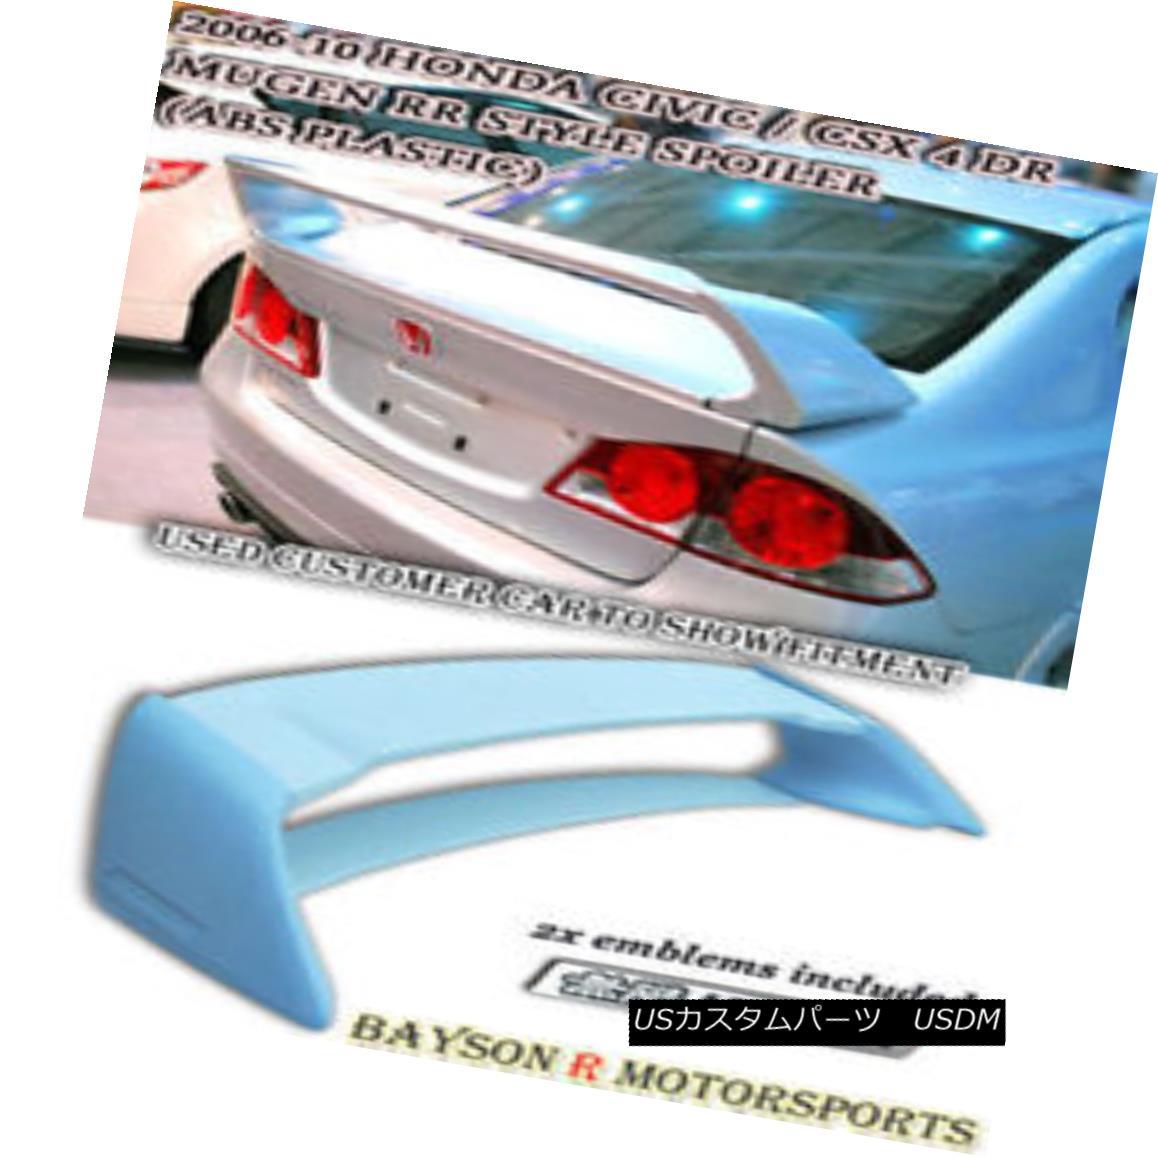 エアロパーツ Mu-gen RR Style Rear Trunk Spoiler Wing (ABS) + Emblem Fits 06-11 Civic 4dr ムーゲンRRスタイルリアトランクスポイラーウィング(ABS)+エンブレムフィット06-11シビック4dr